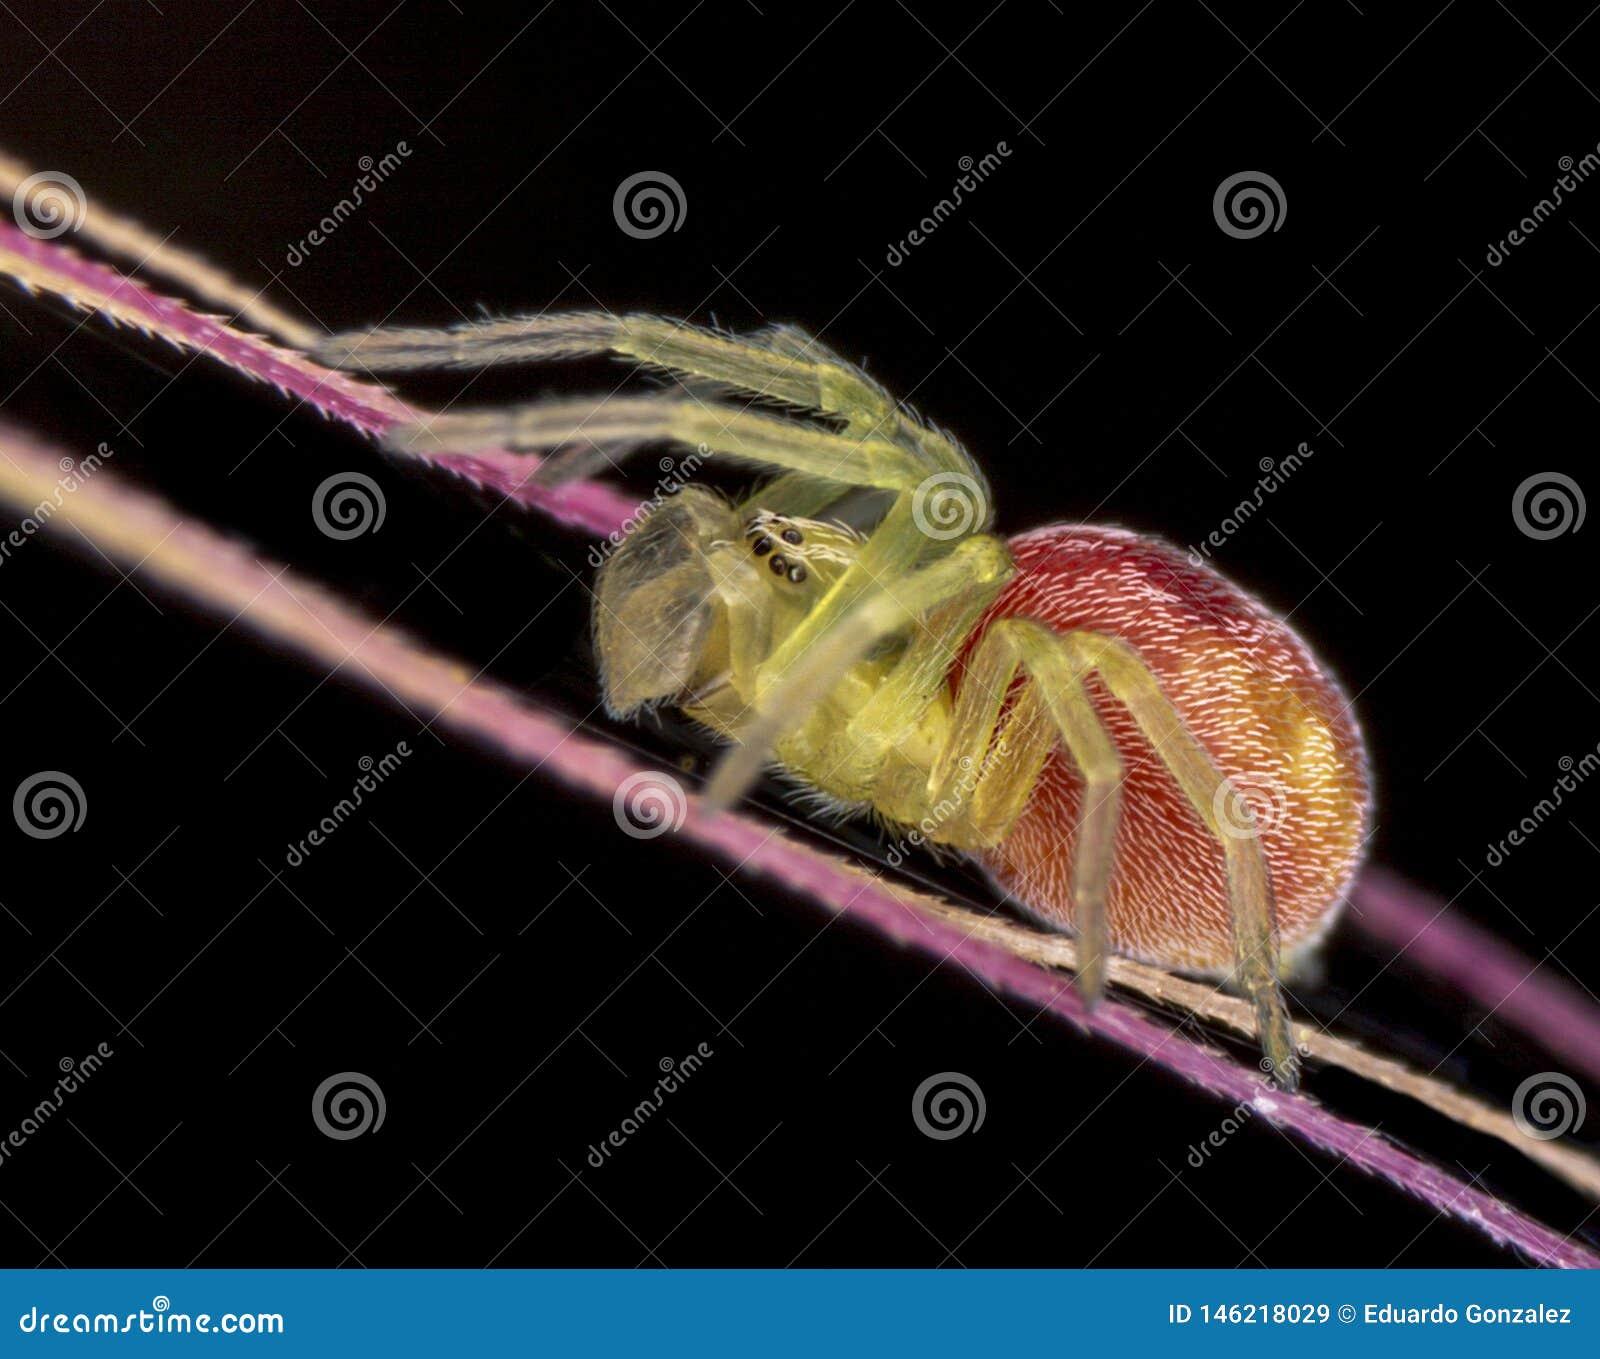 Nigma spider subadult male on black background